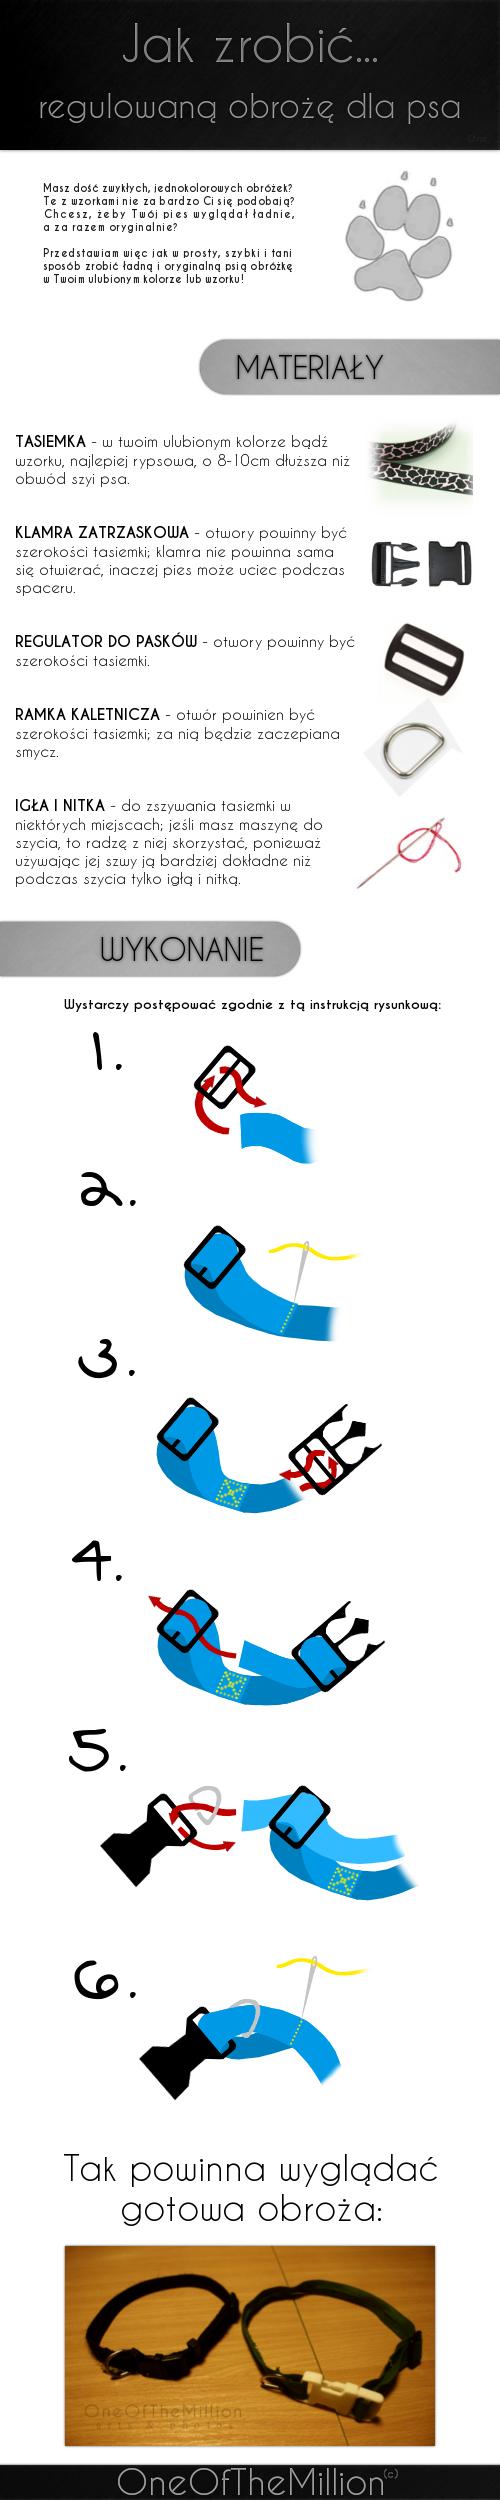 tutorial___obroza_regulowana_by_oneofthemillion-d7ml3kh.png